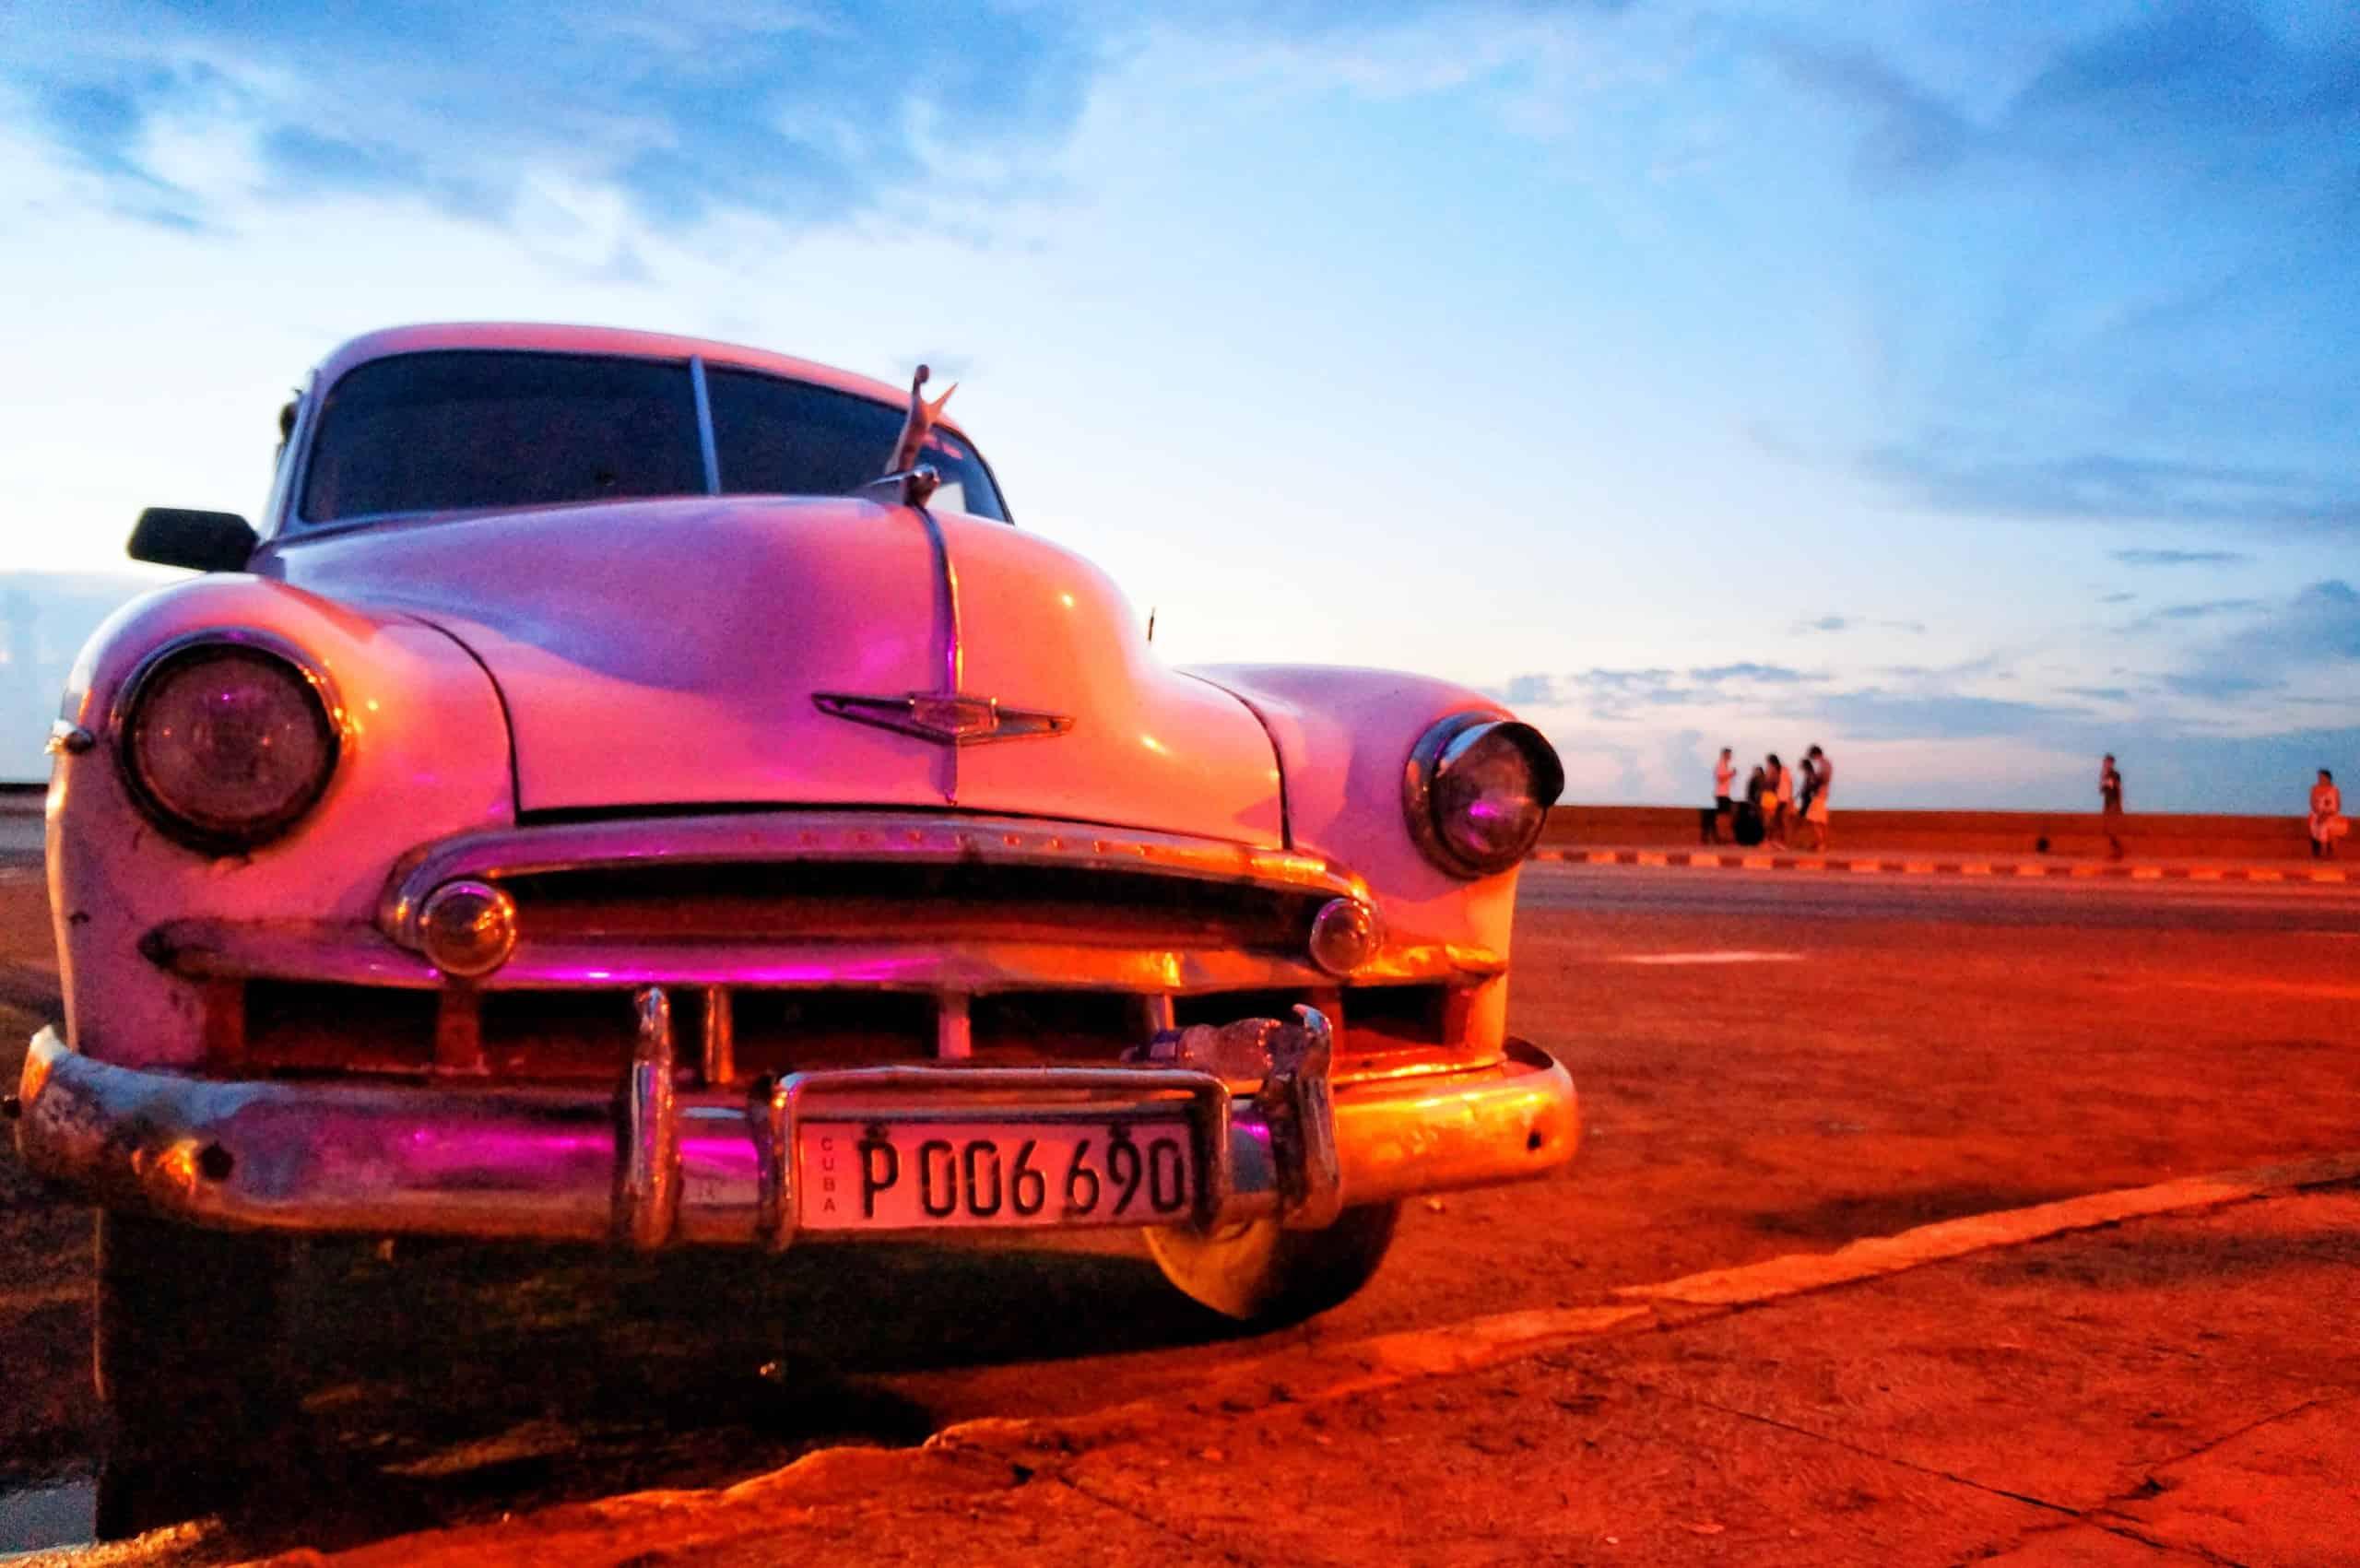 Chevy Bel Air in Havanna Kuba